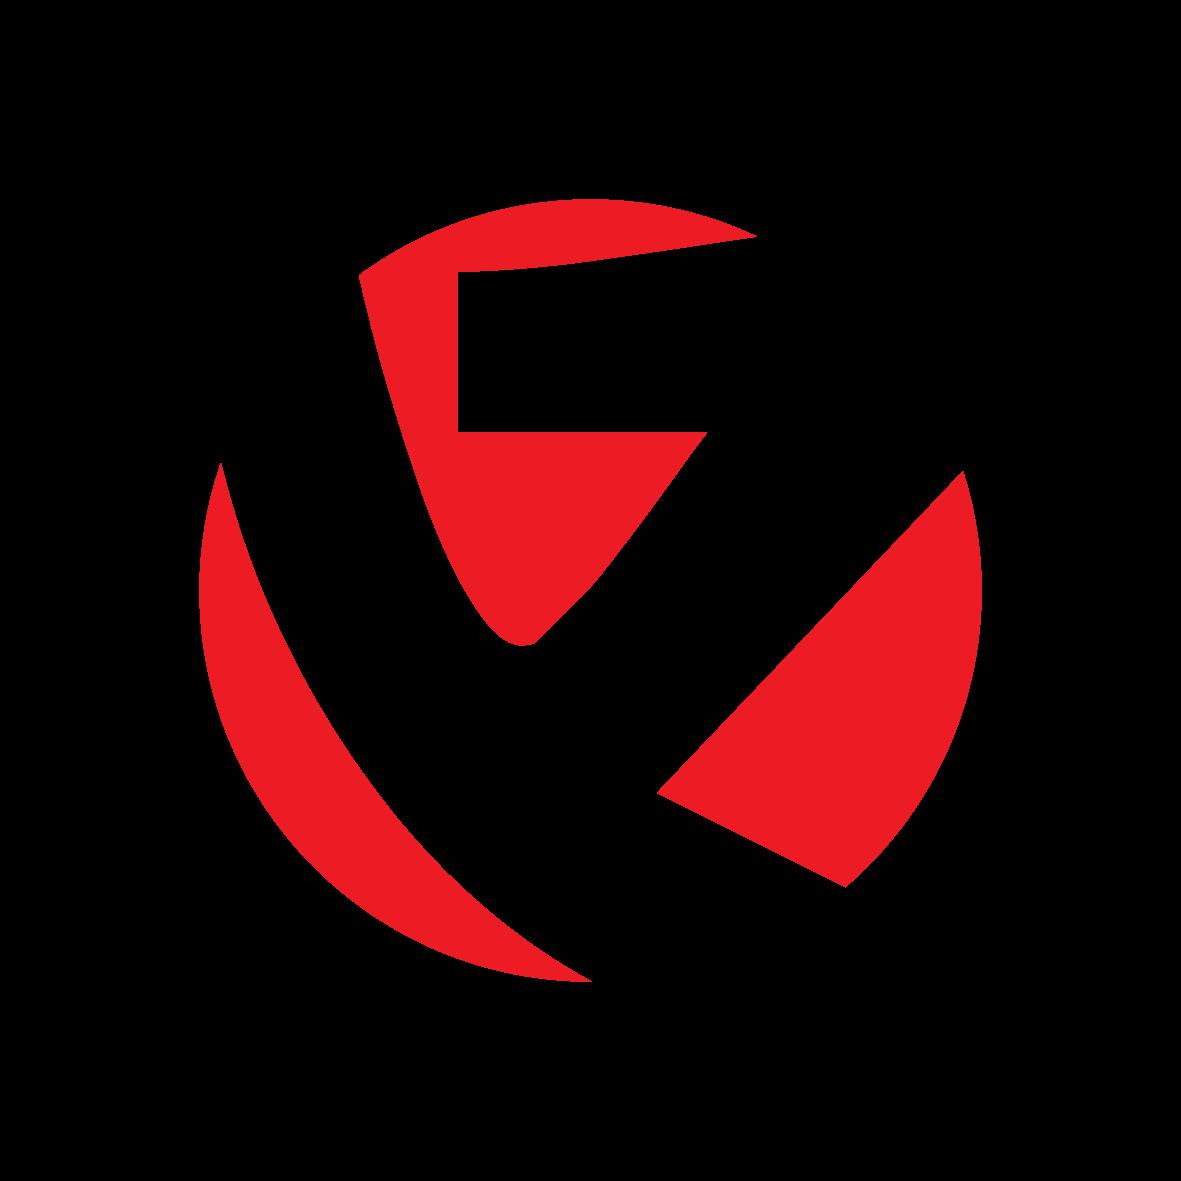 Logo spoločnosti Nokuchikushi